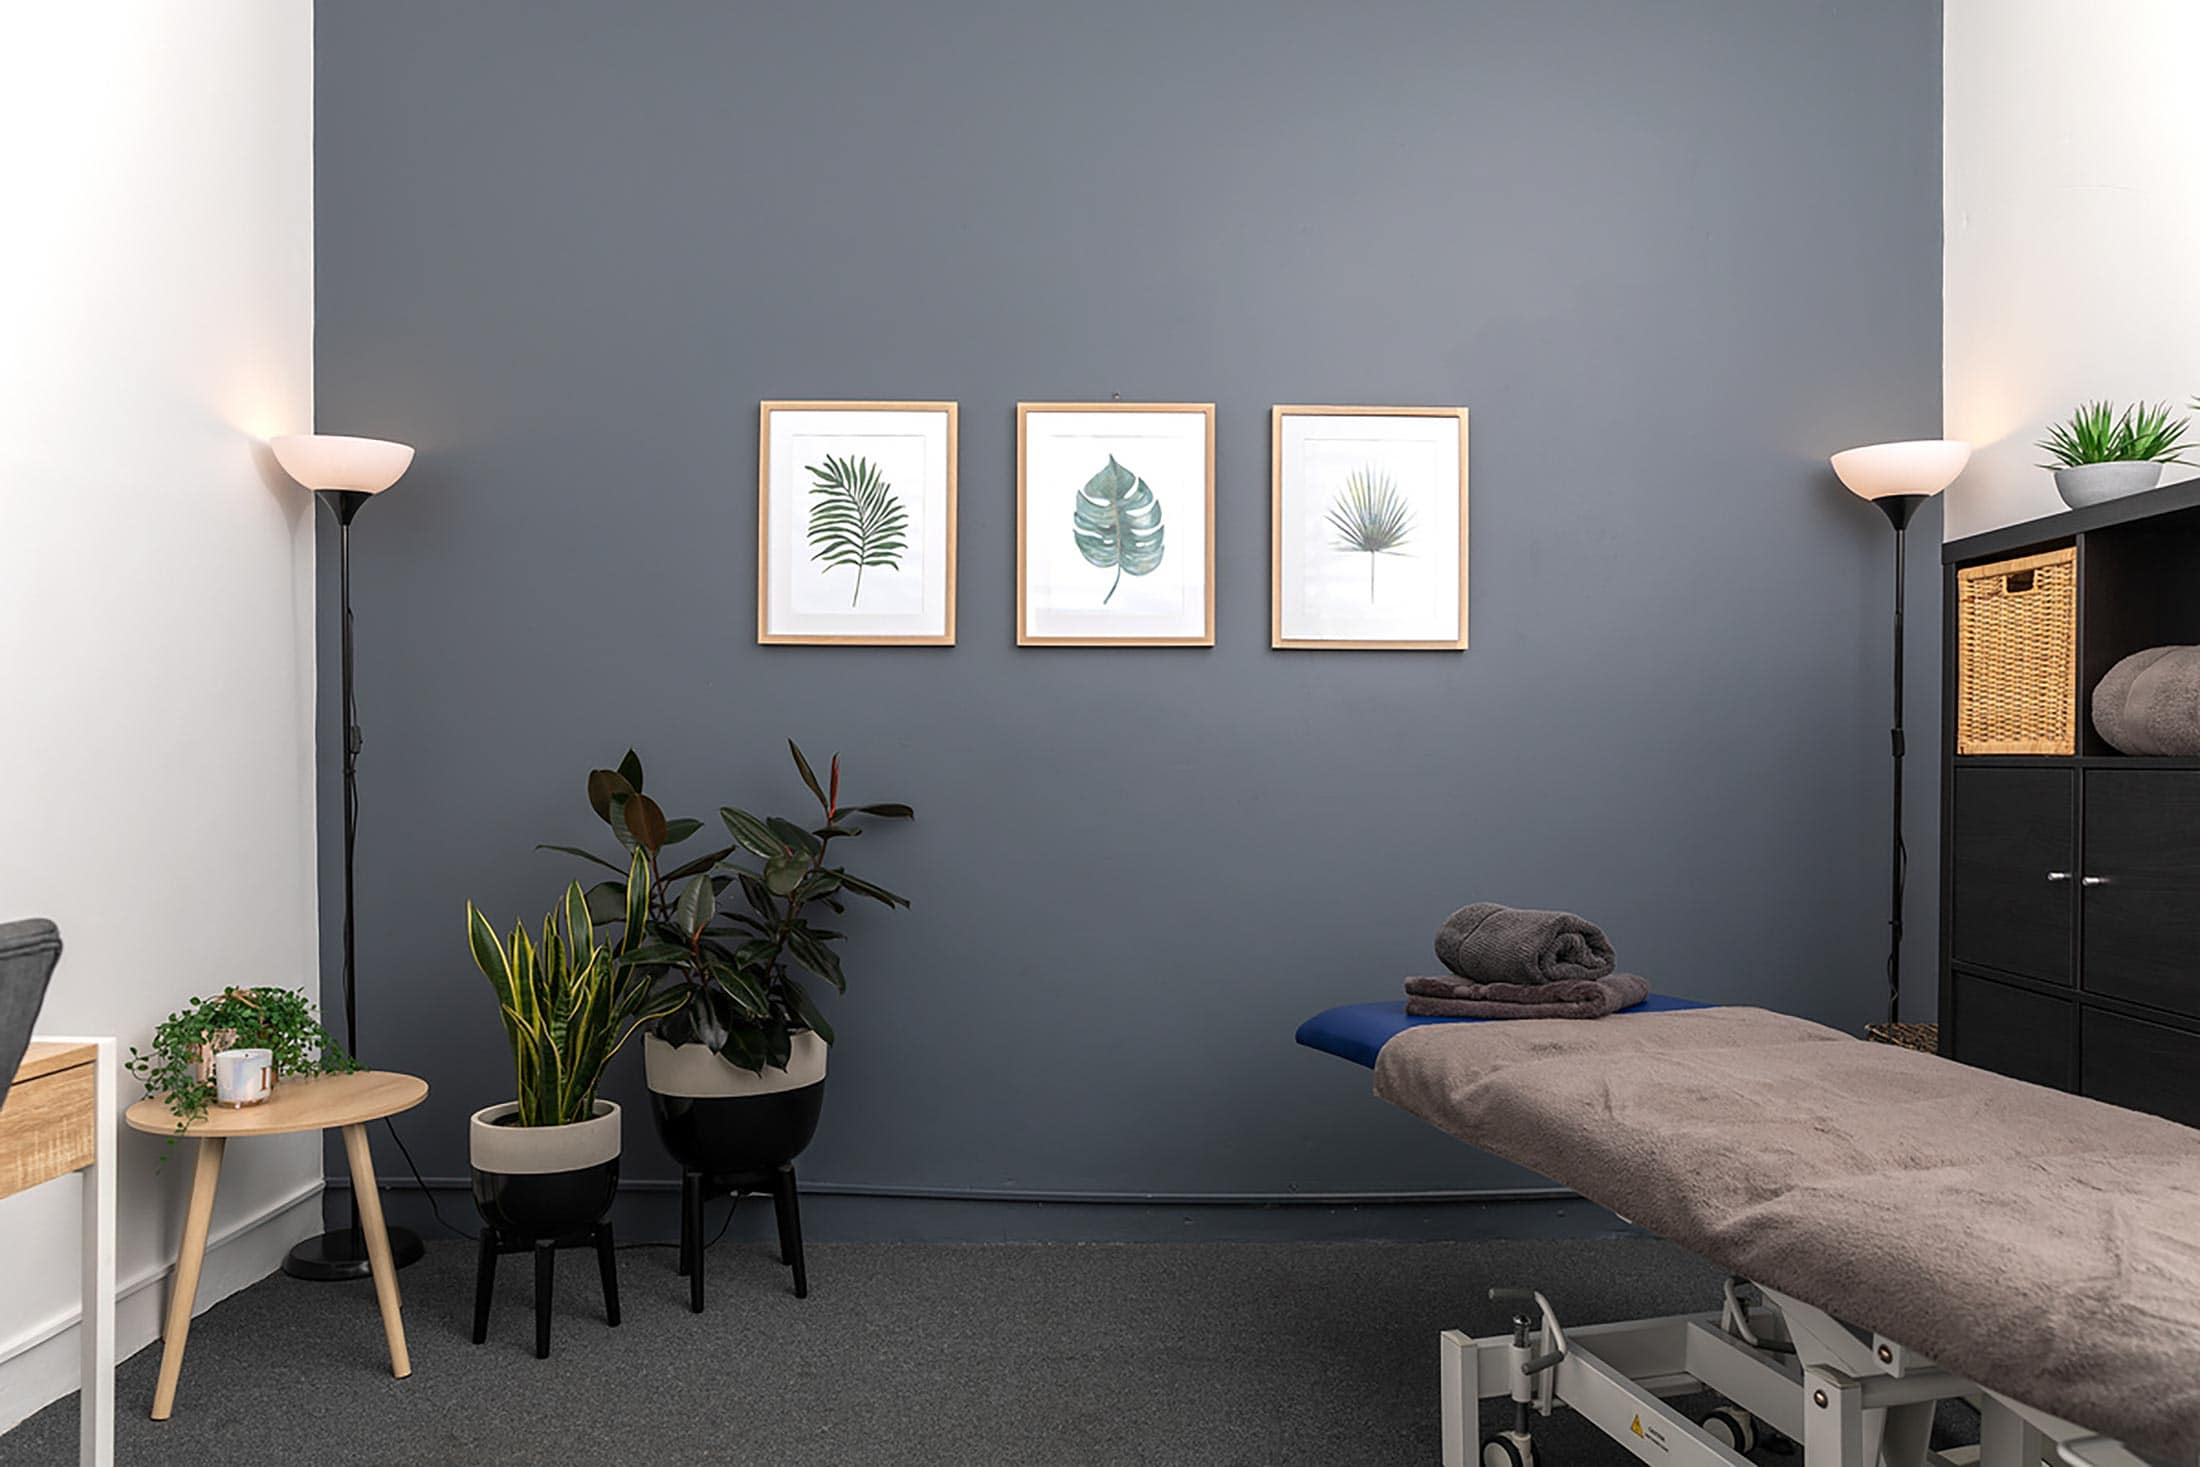 Melbourne Chiro Room Hire